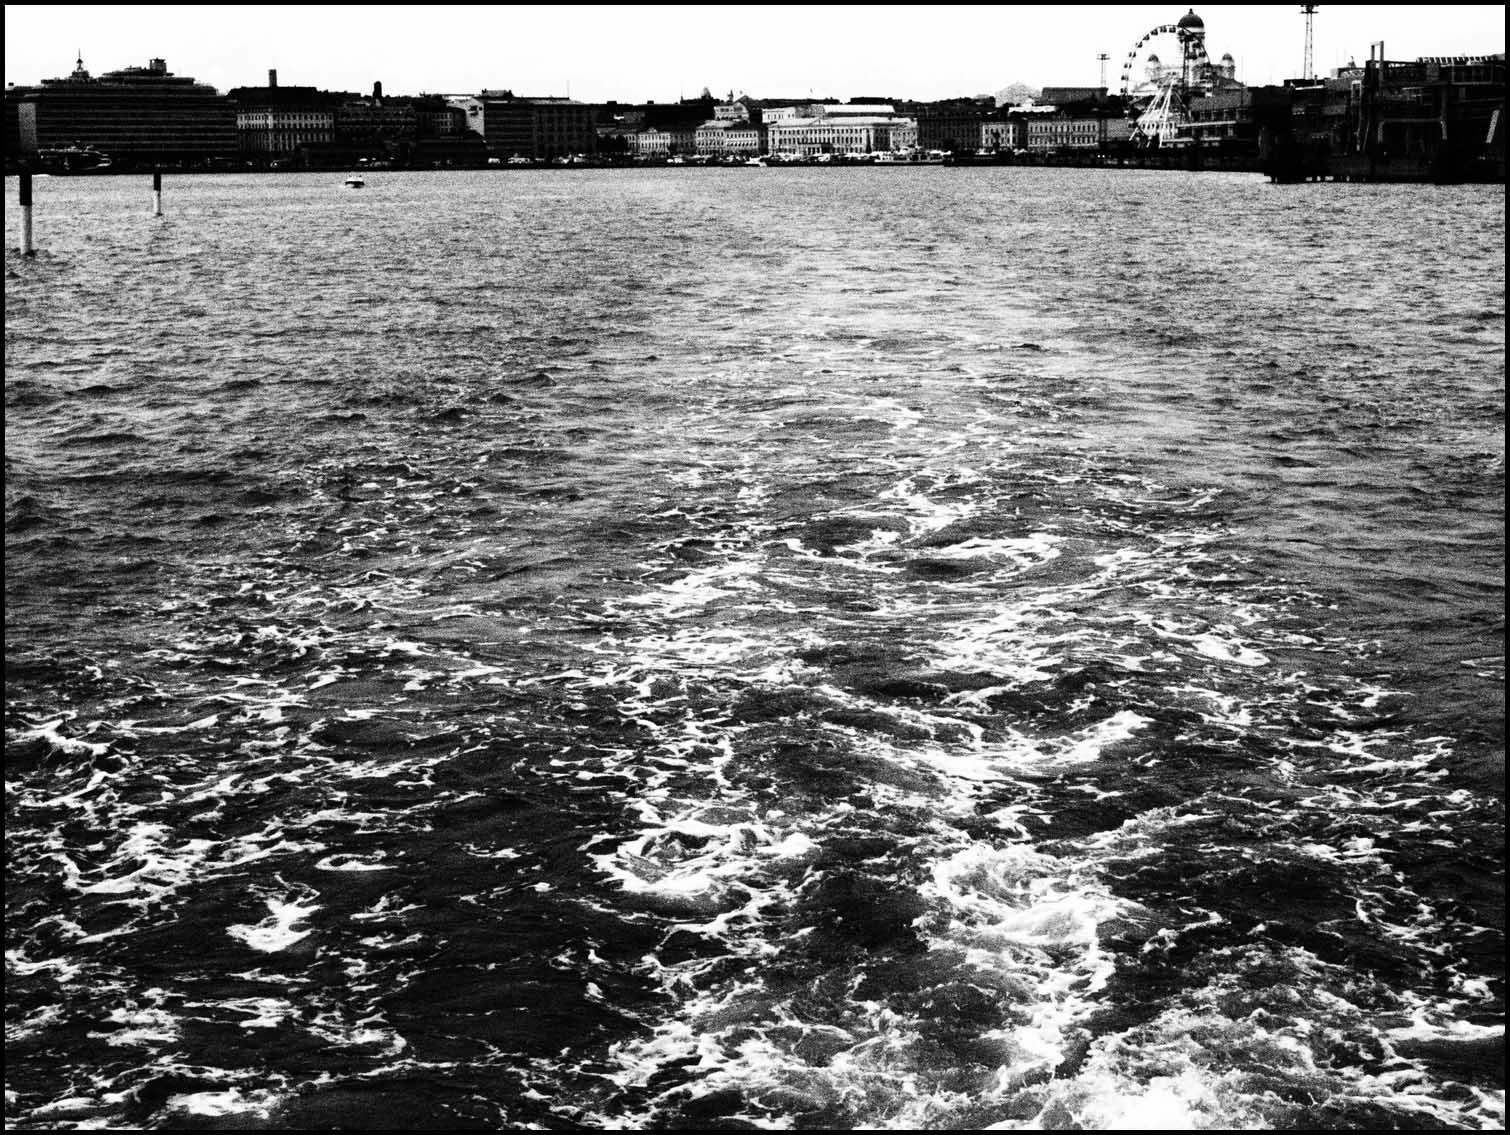 Monochrome sea, Helsinki